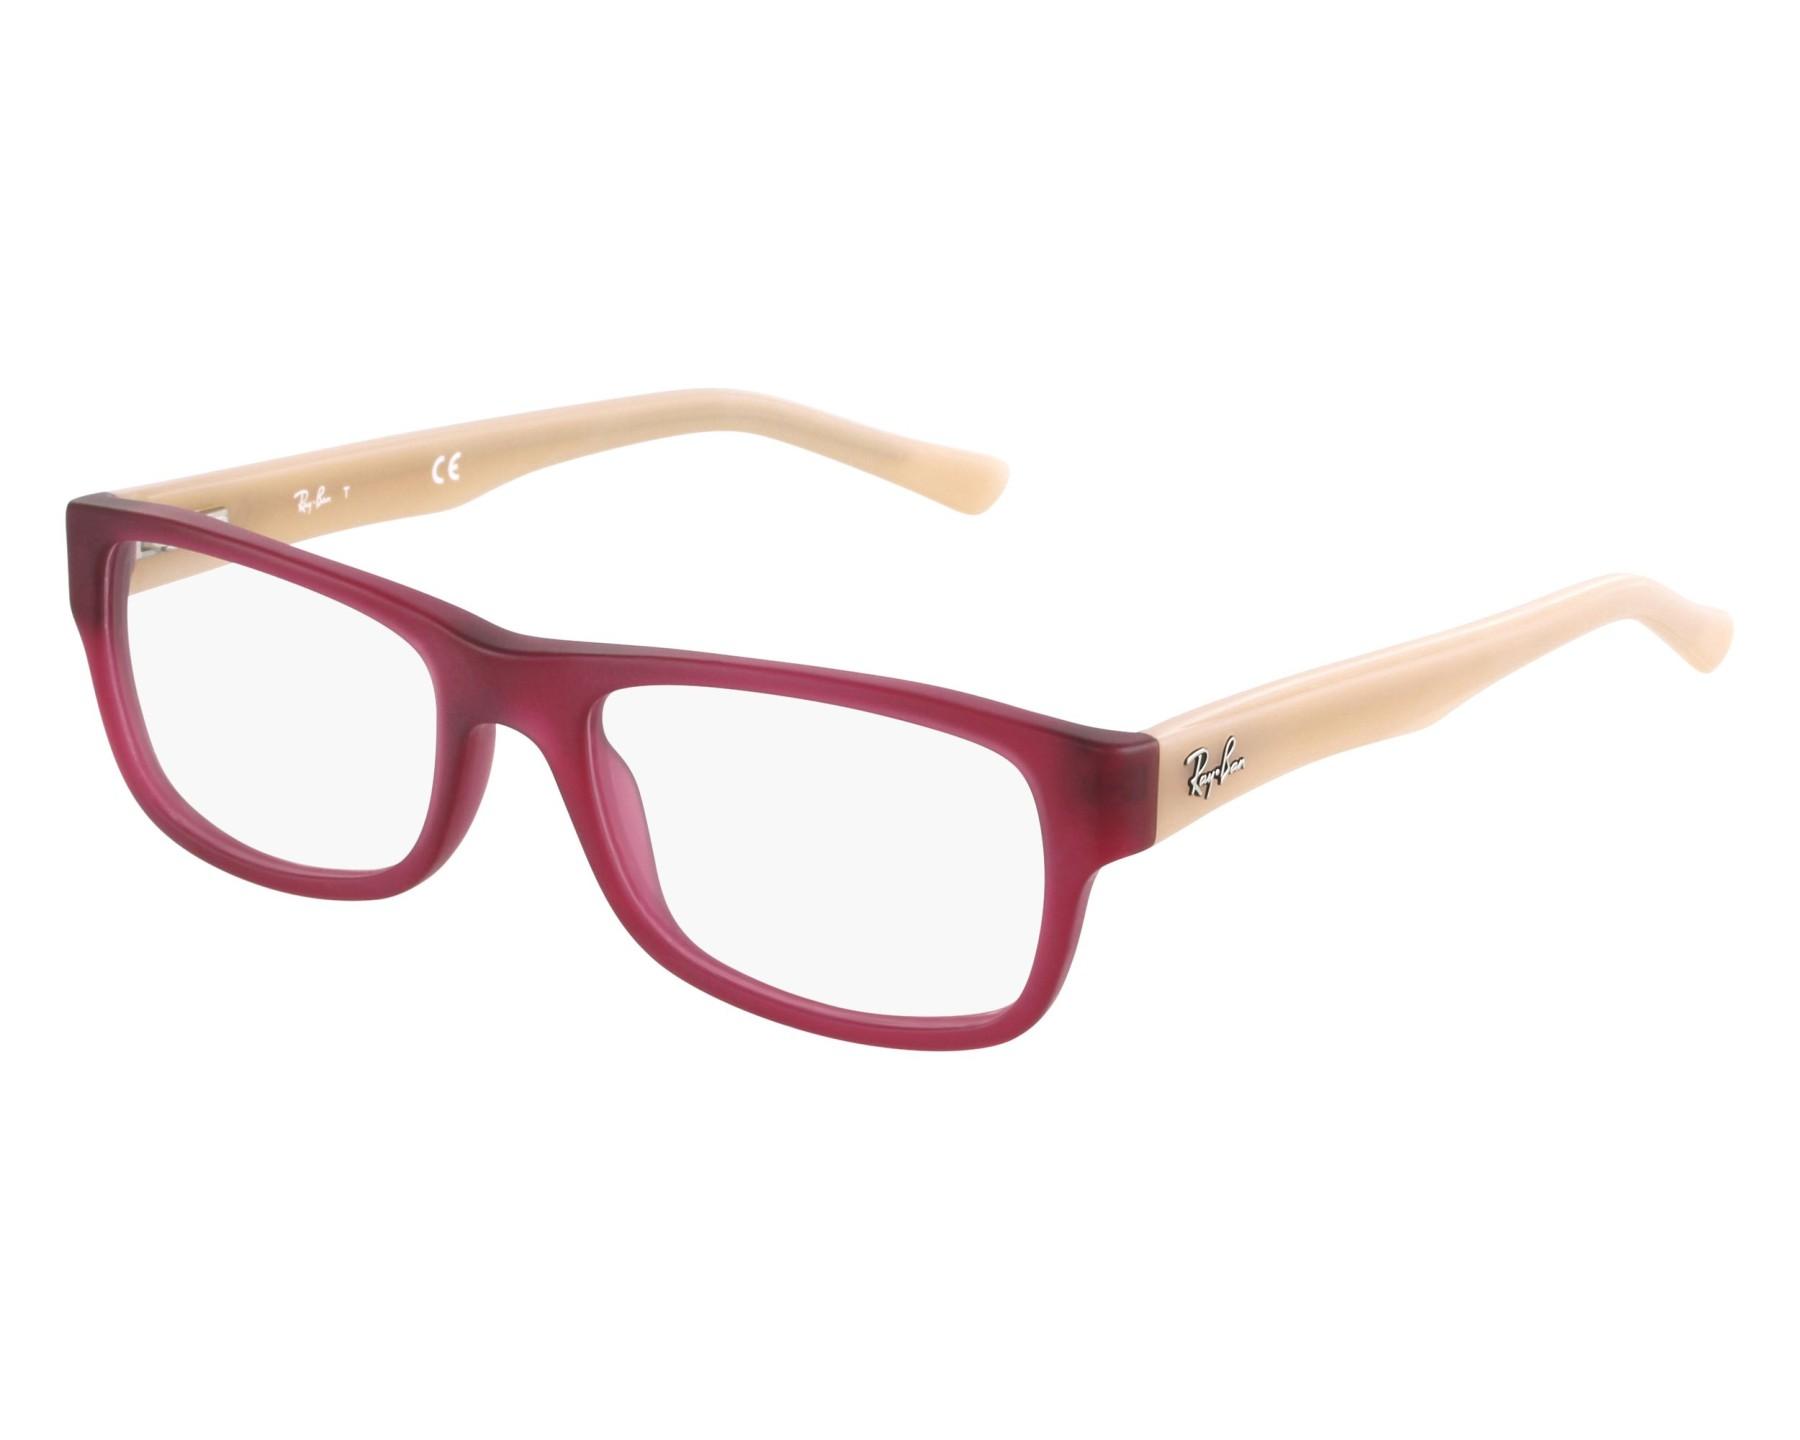 b238b77a8049a Gafas Graduadas Ray-Ban RX-5268 5553 - Frambuesa Rosa vista de frente